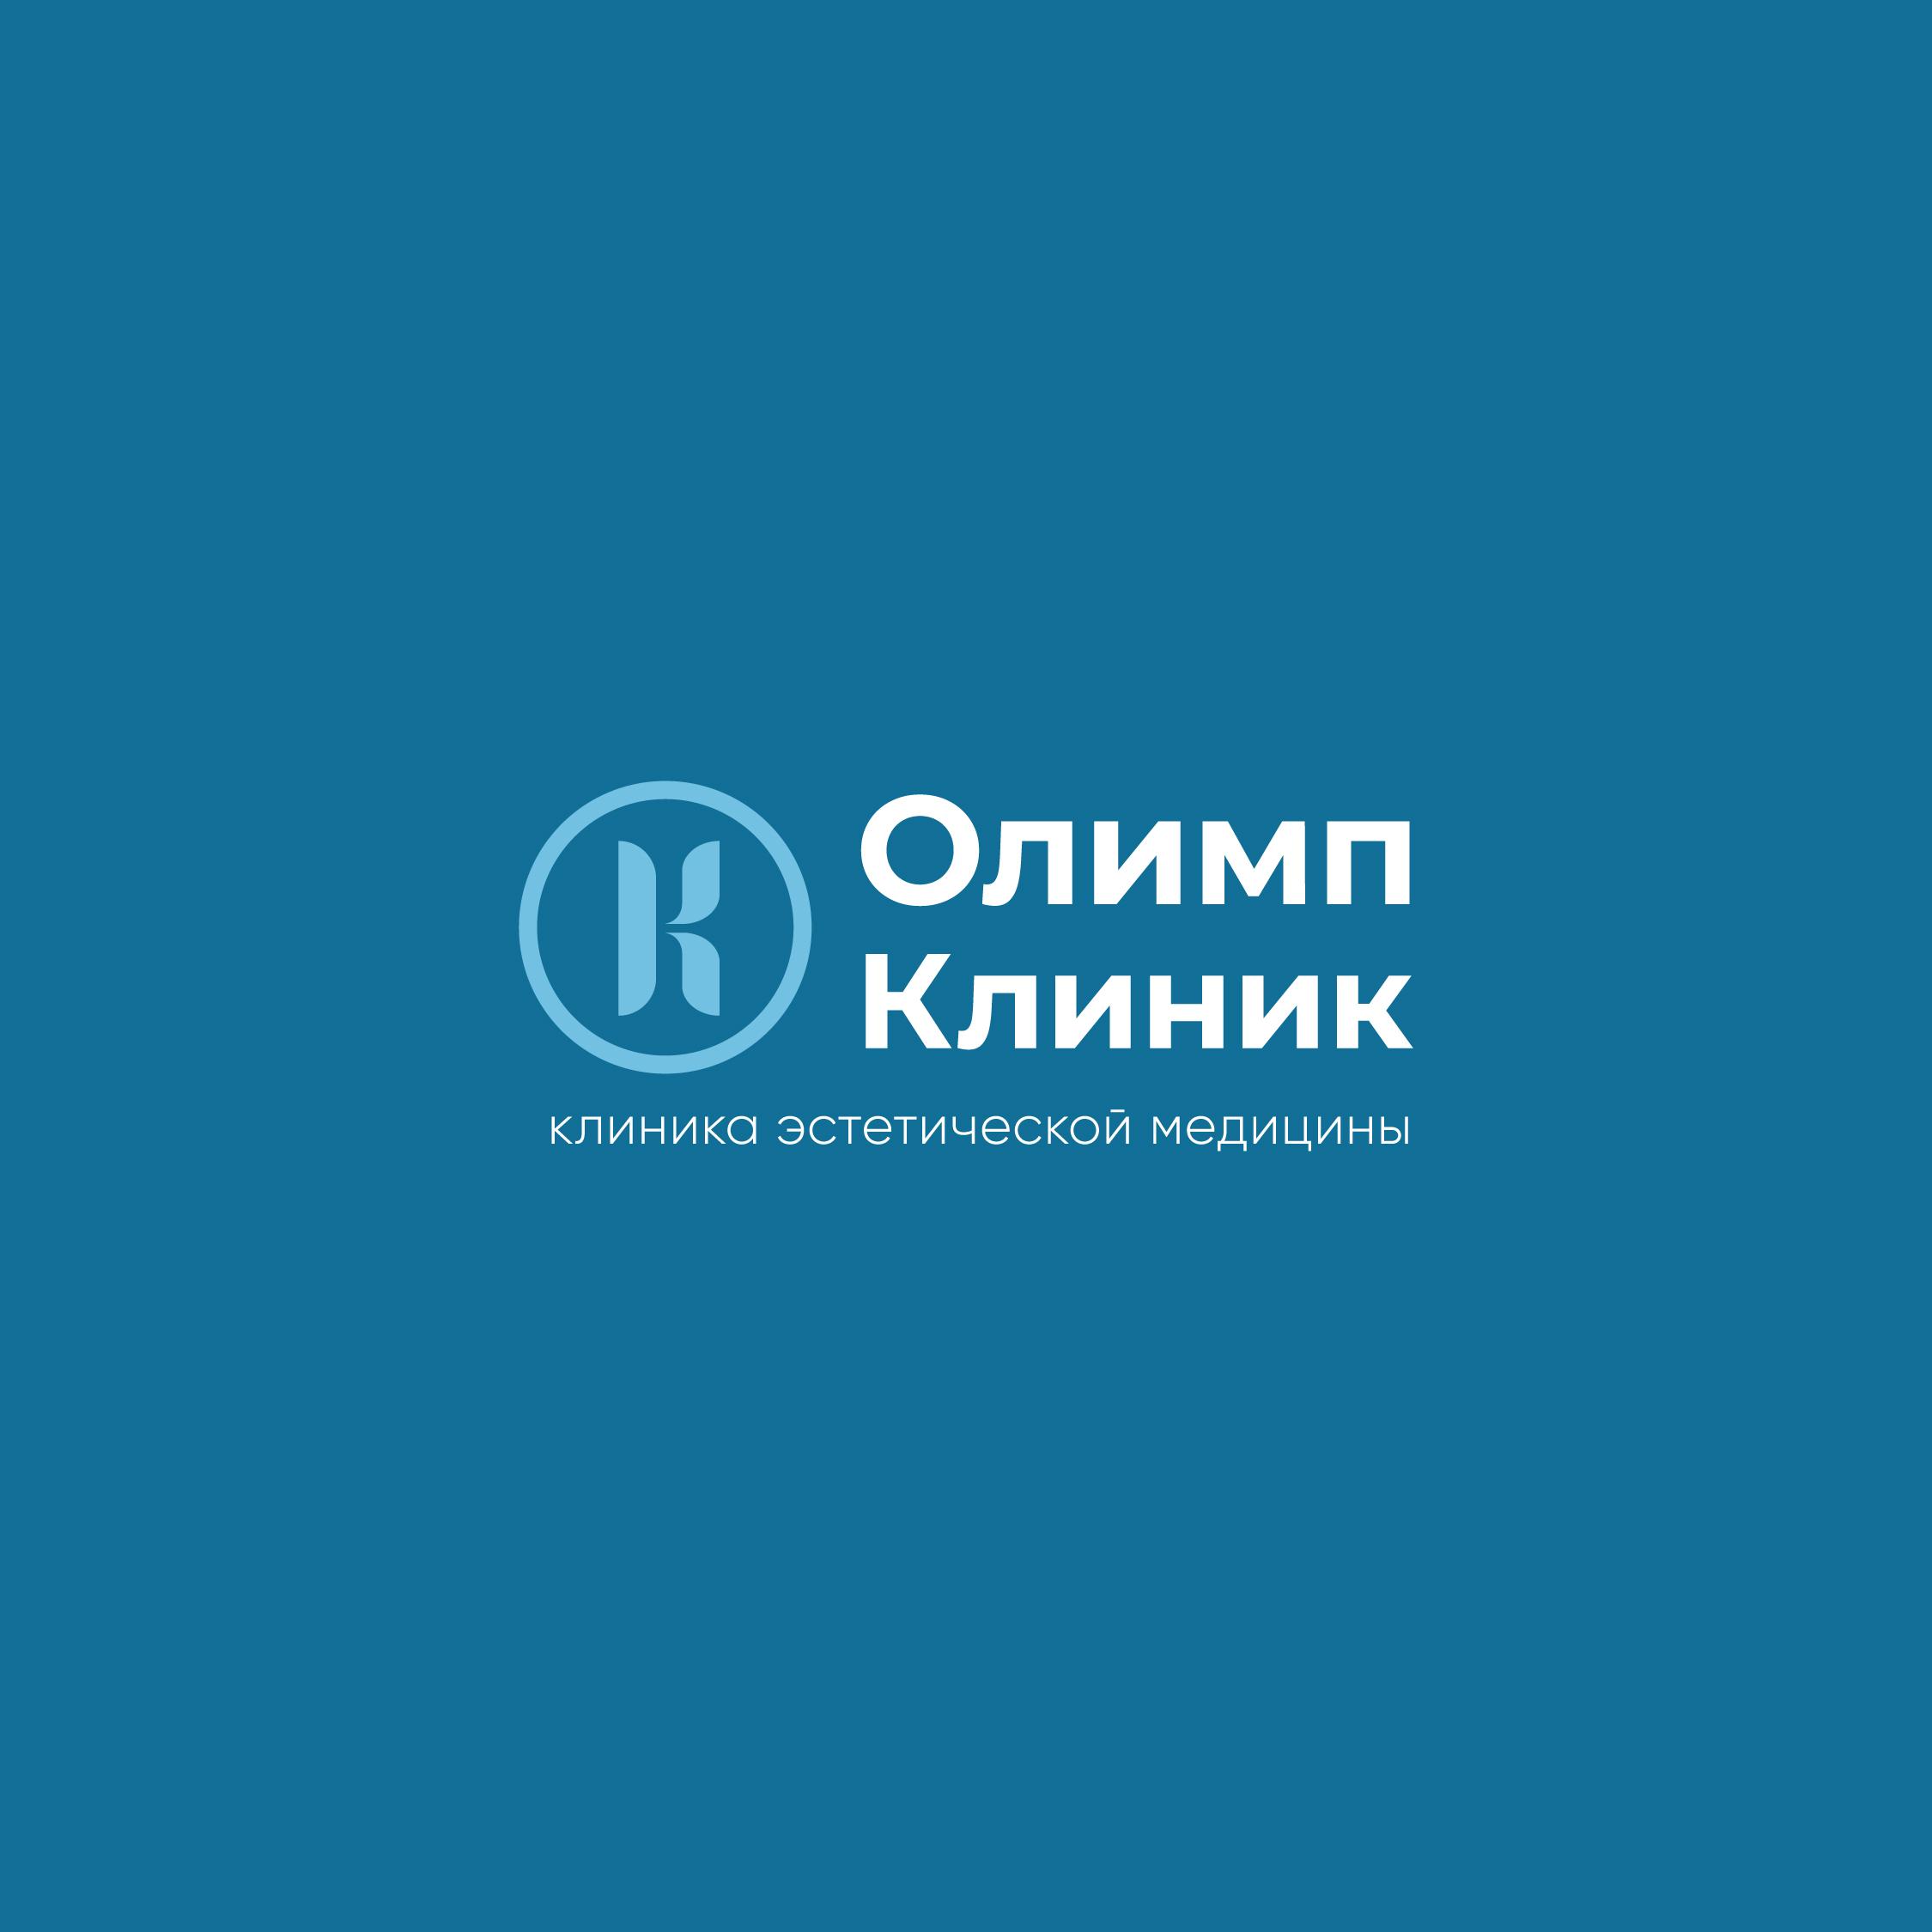 Разработка логотипа и впоследствии фирменного стиля фото f_5875f23cd61ad3b2.jpg